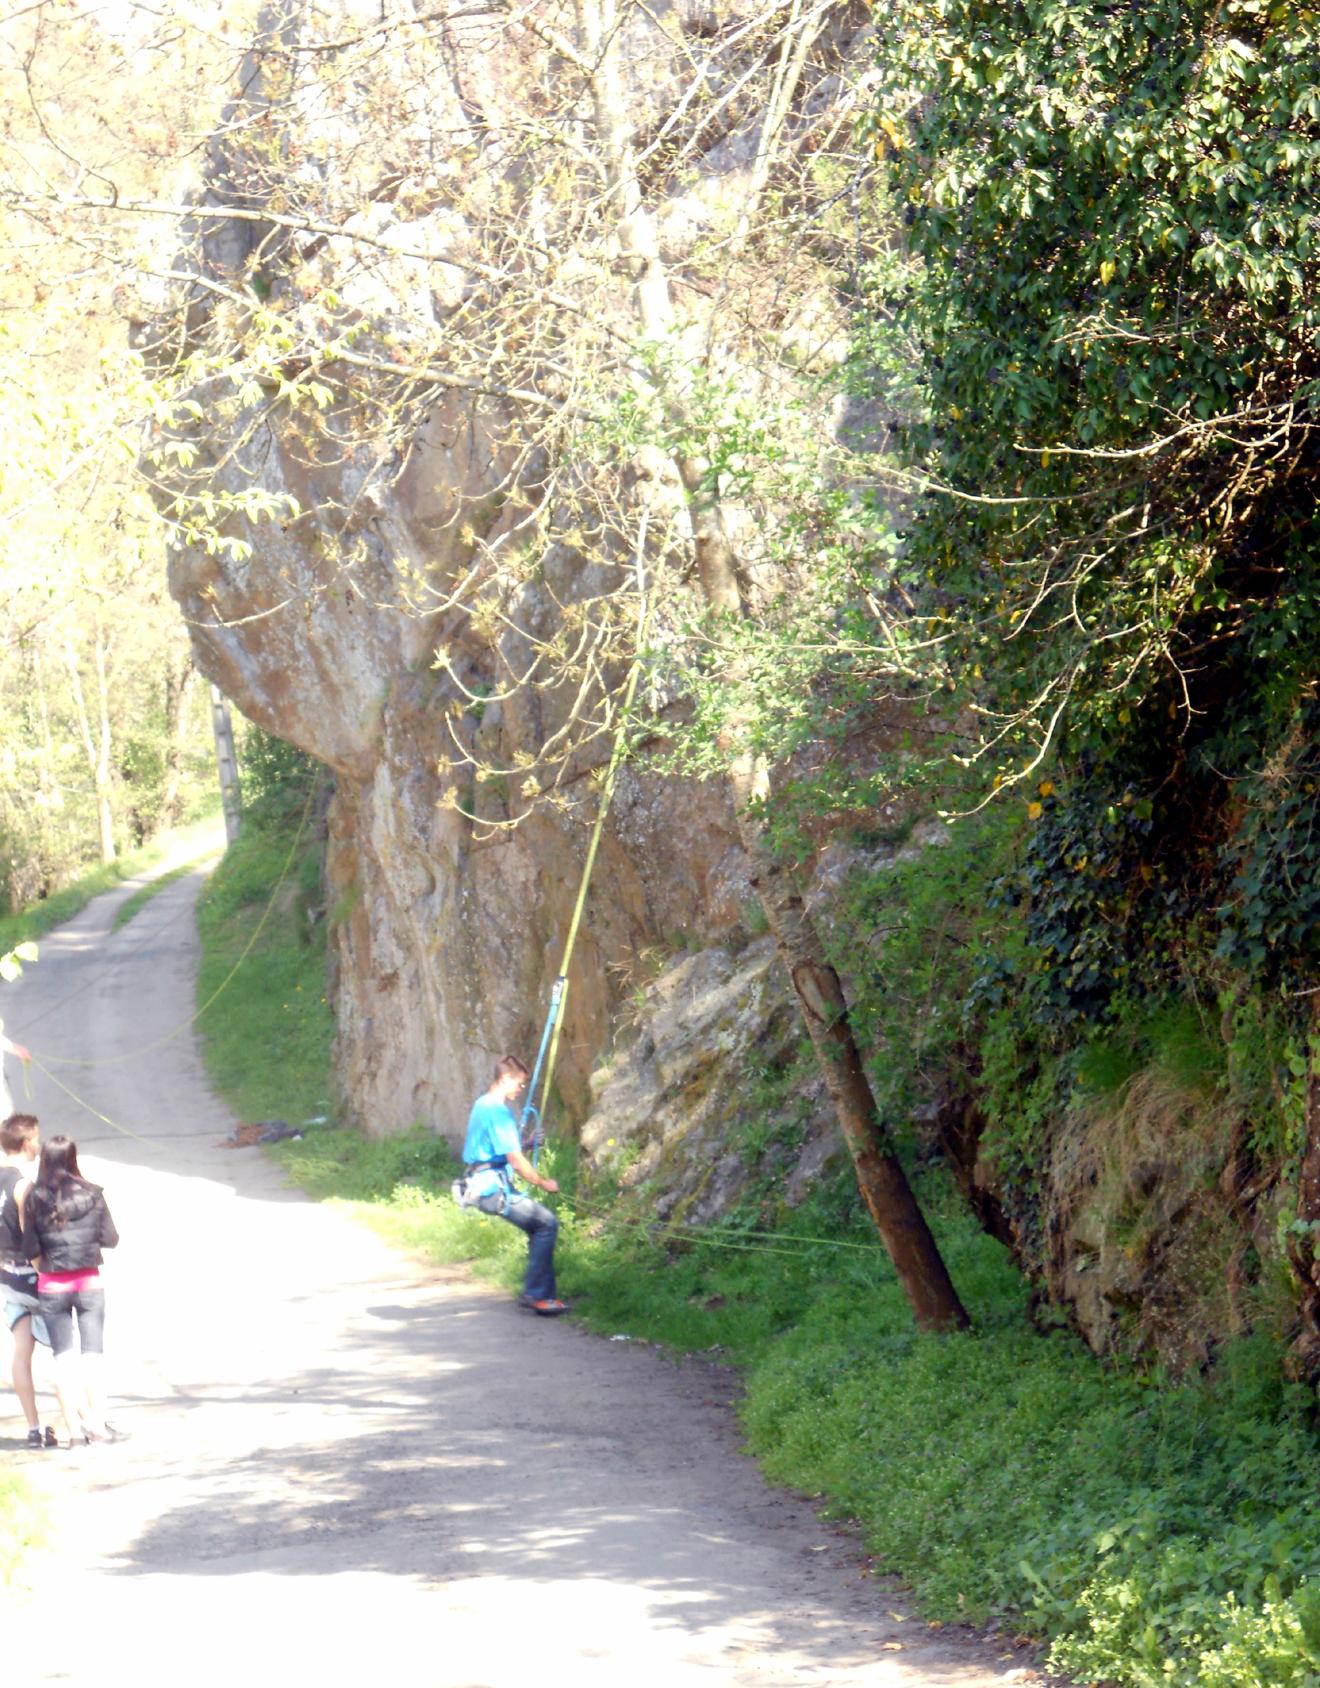 rocher-escalade